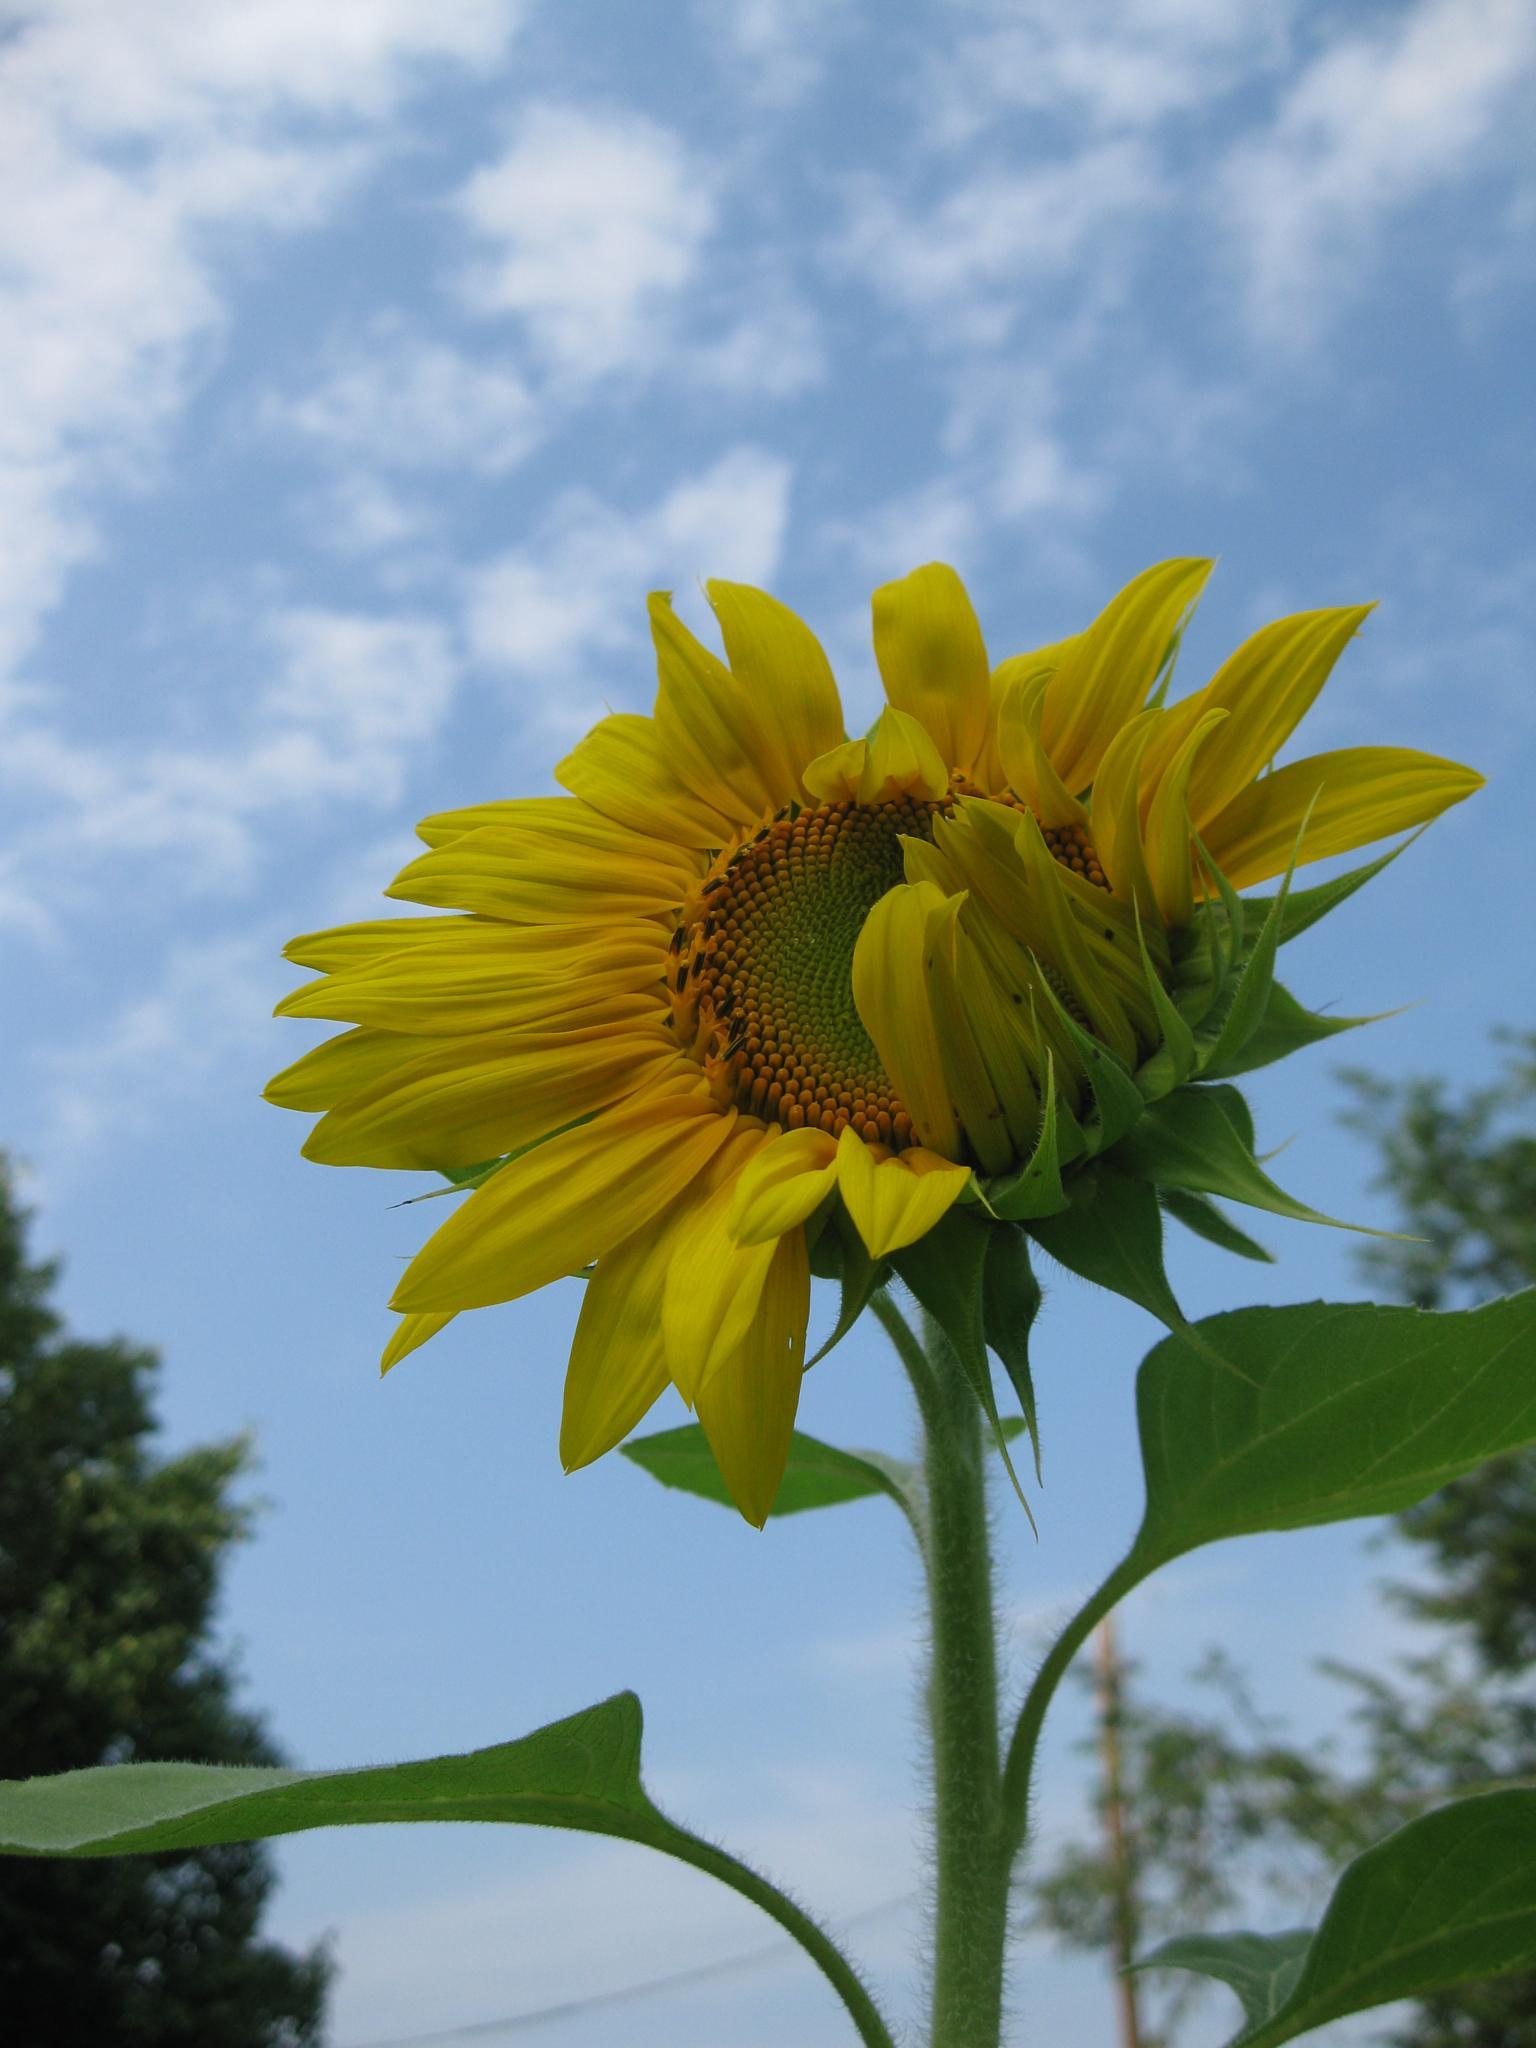 Unfurling Sunflower by jo.mcgraw.737